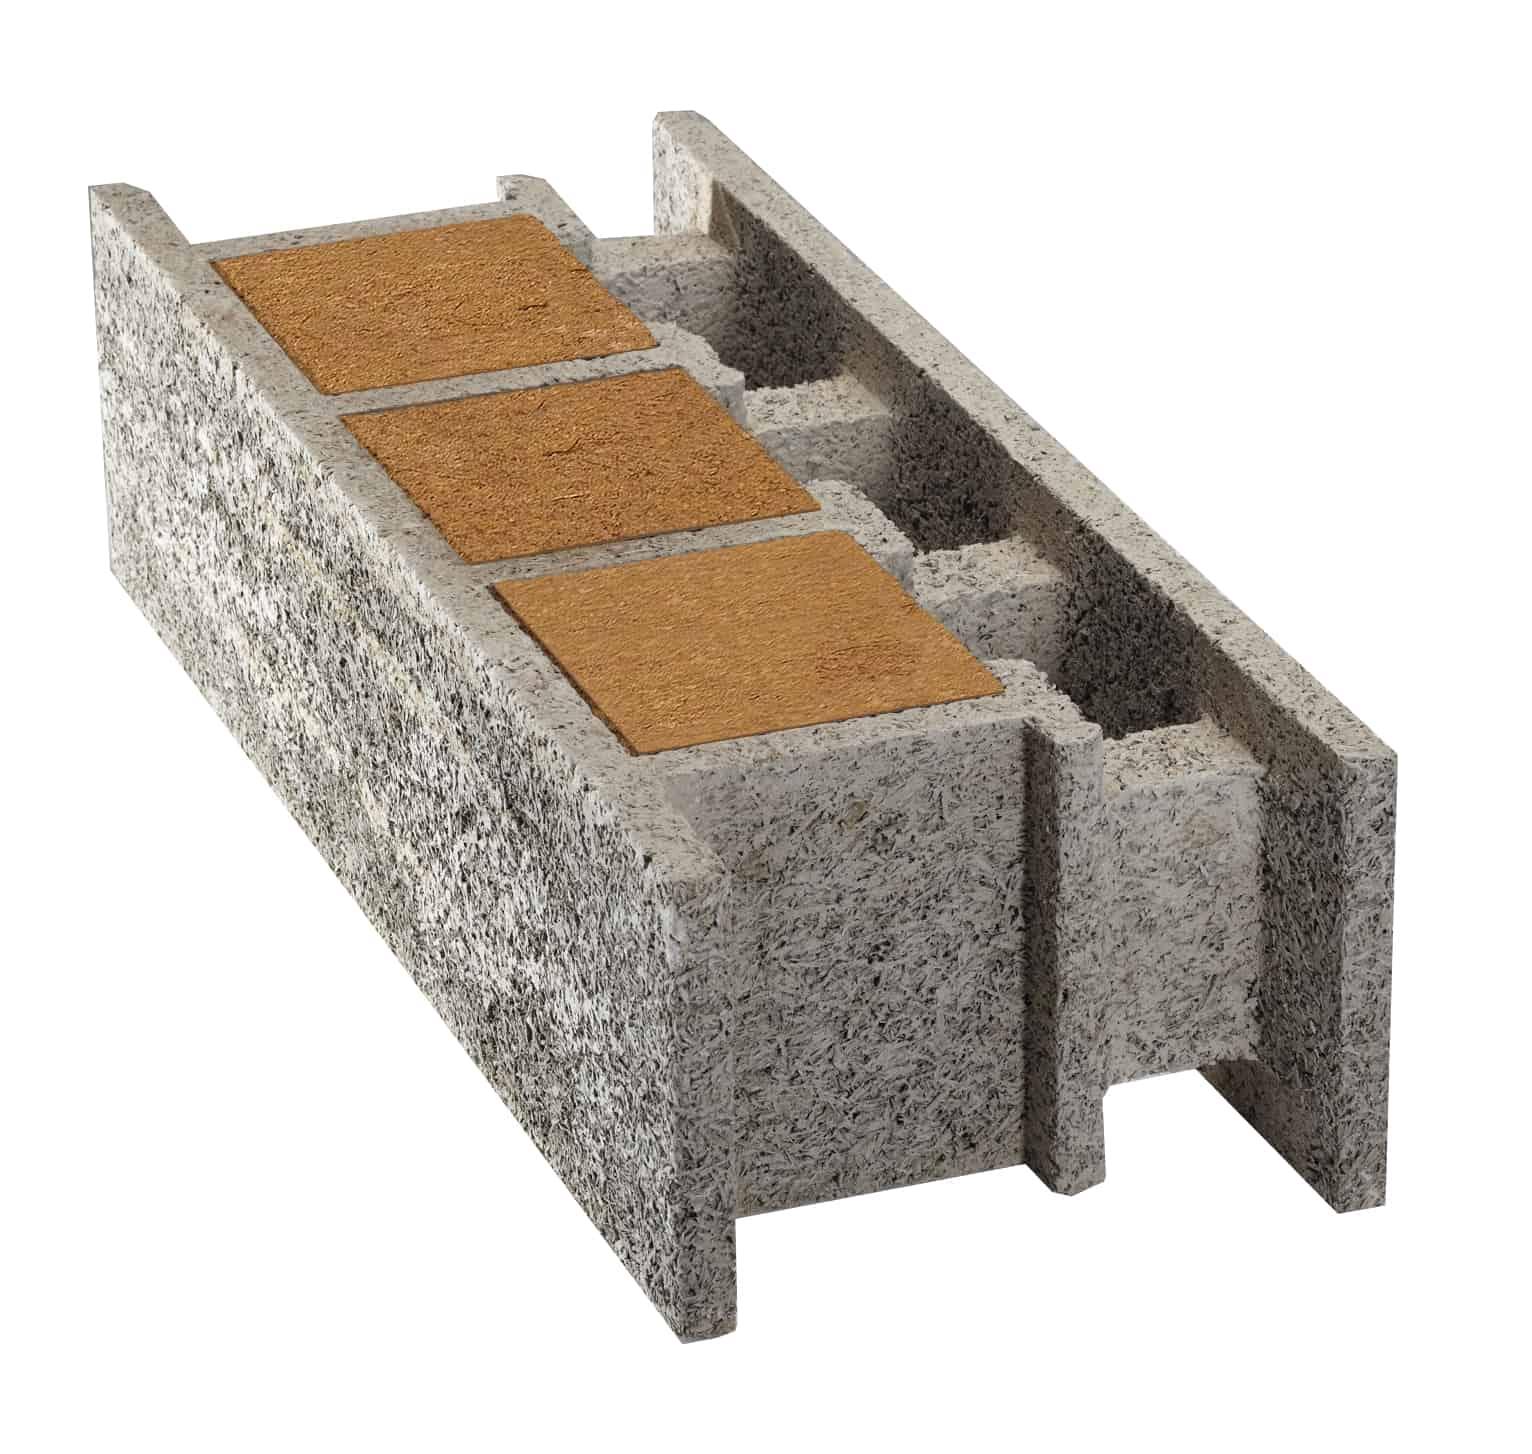 bloc de coffrage thermibloc avec isolant laine de bois - thermibloc